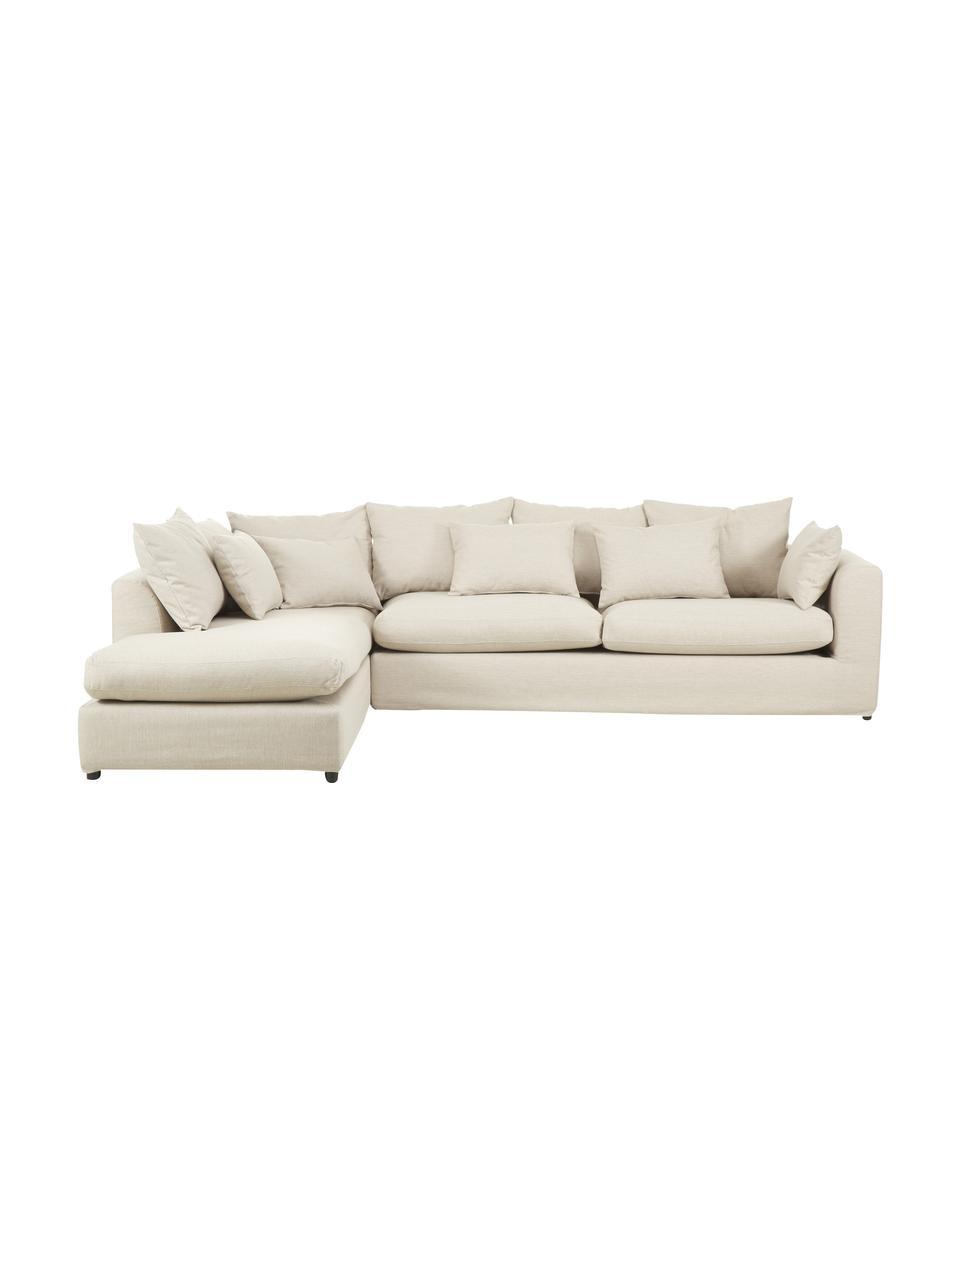 Grand canapé d'angle beige Zach, Tissu beige